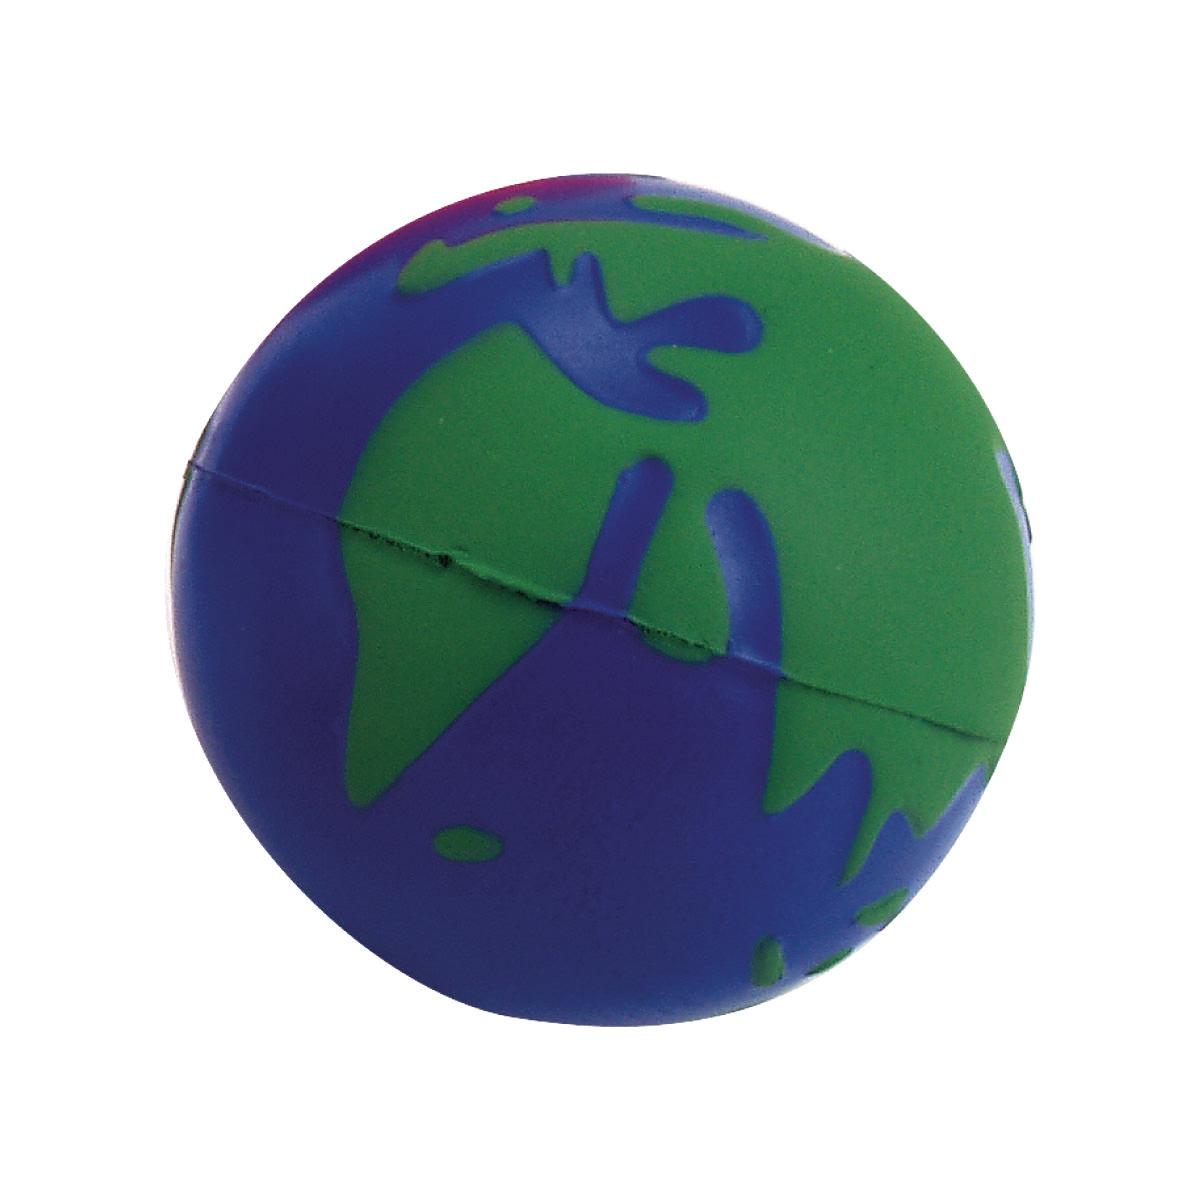 כדור גומי יד לחיץ Stress Ball - עולם